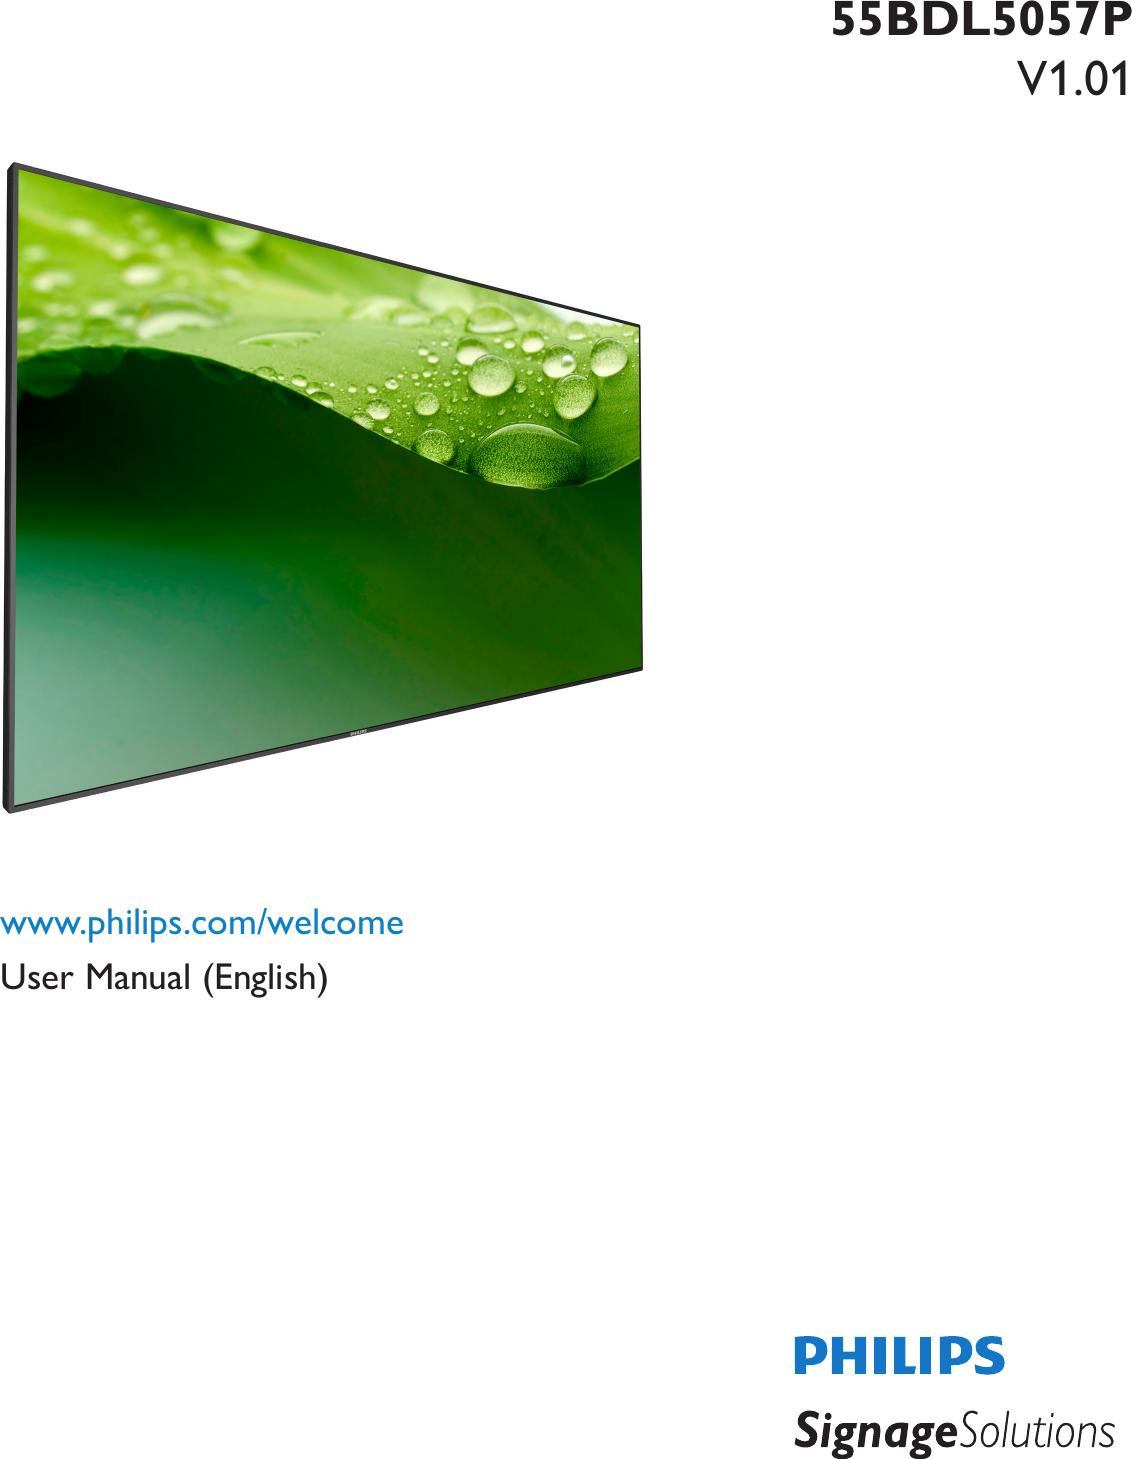 Philips 55bdl5057p00 User Manual מדריך למשתמש 55bdl5057p 00